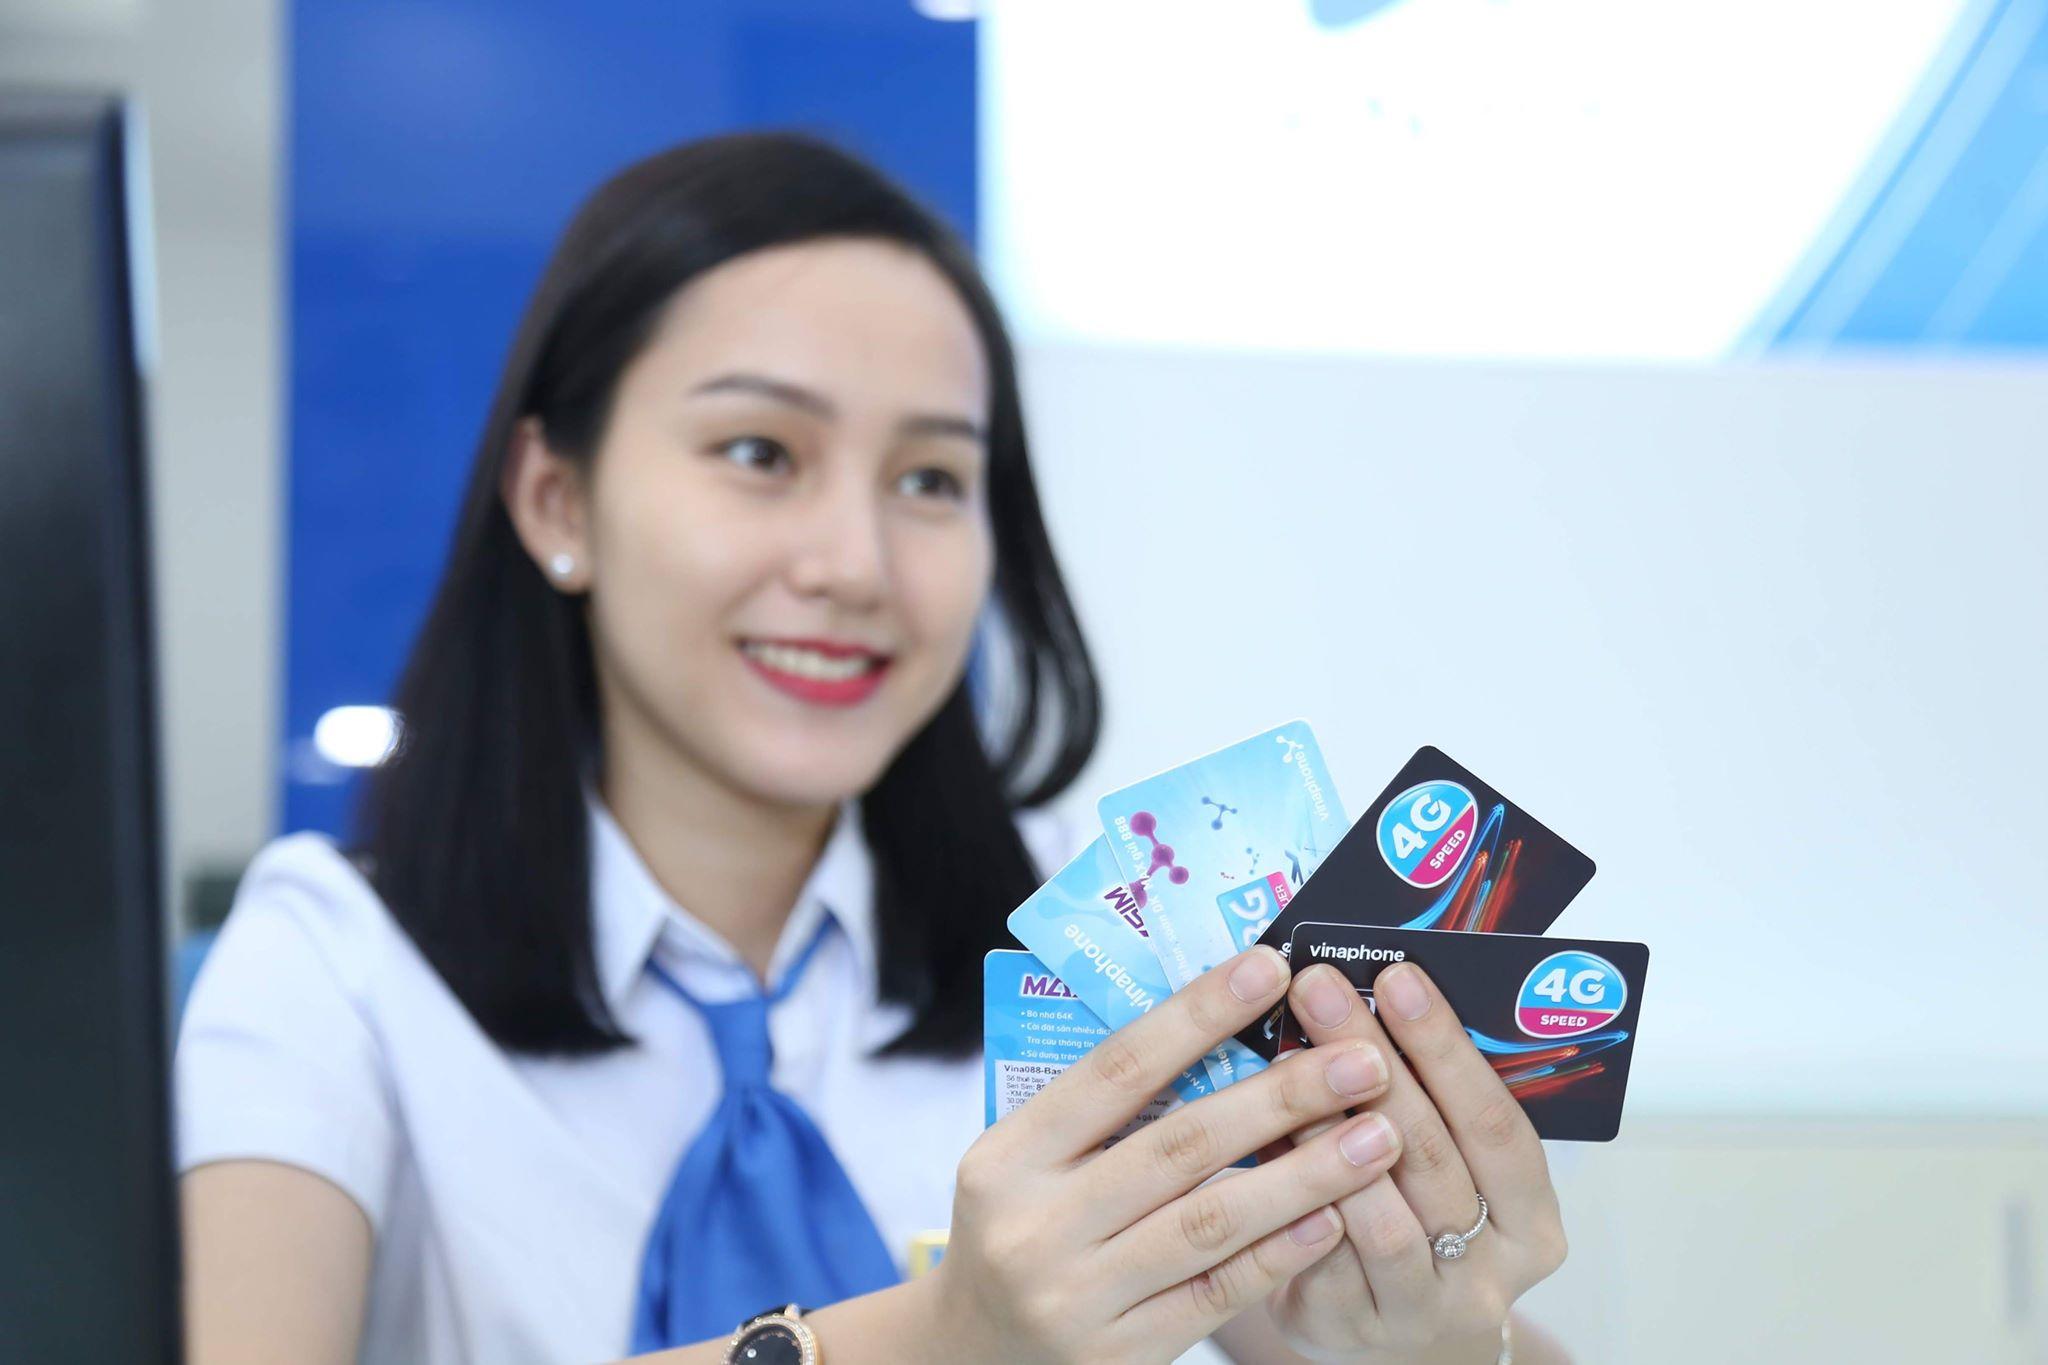 Thị trường SIM số vẫn rộn ràng trước thông tin nhà mạng ngừng bán mới qua kênh phân phối - Ảnh 2.